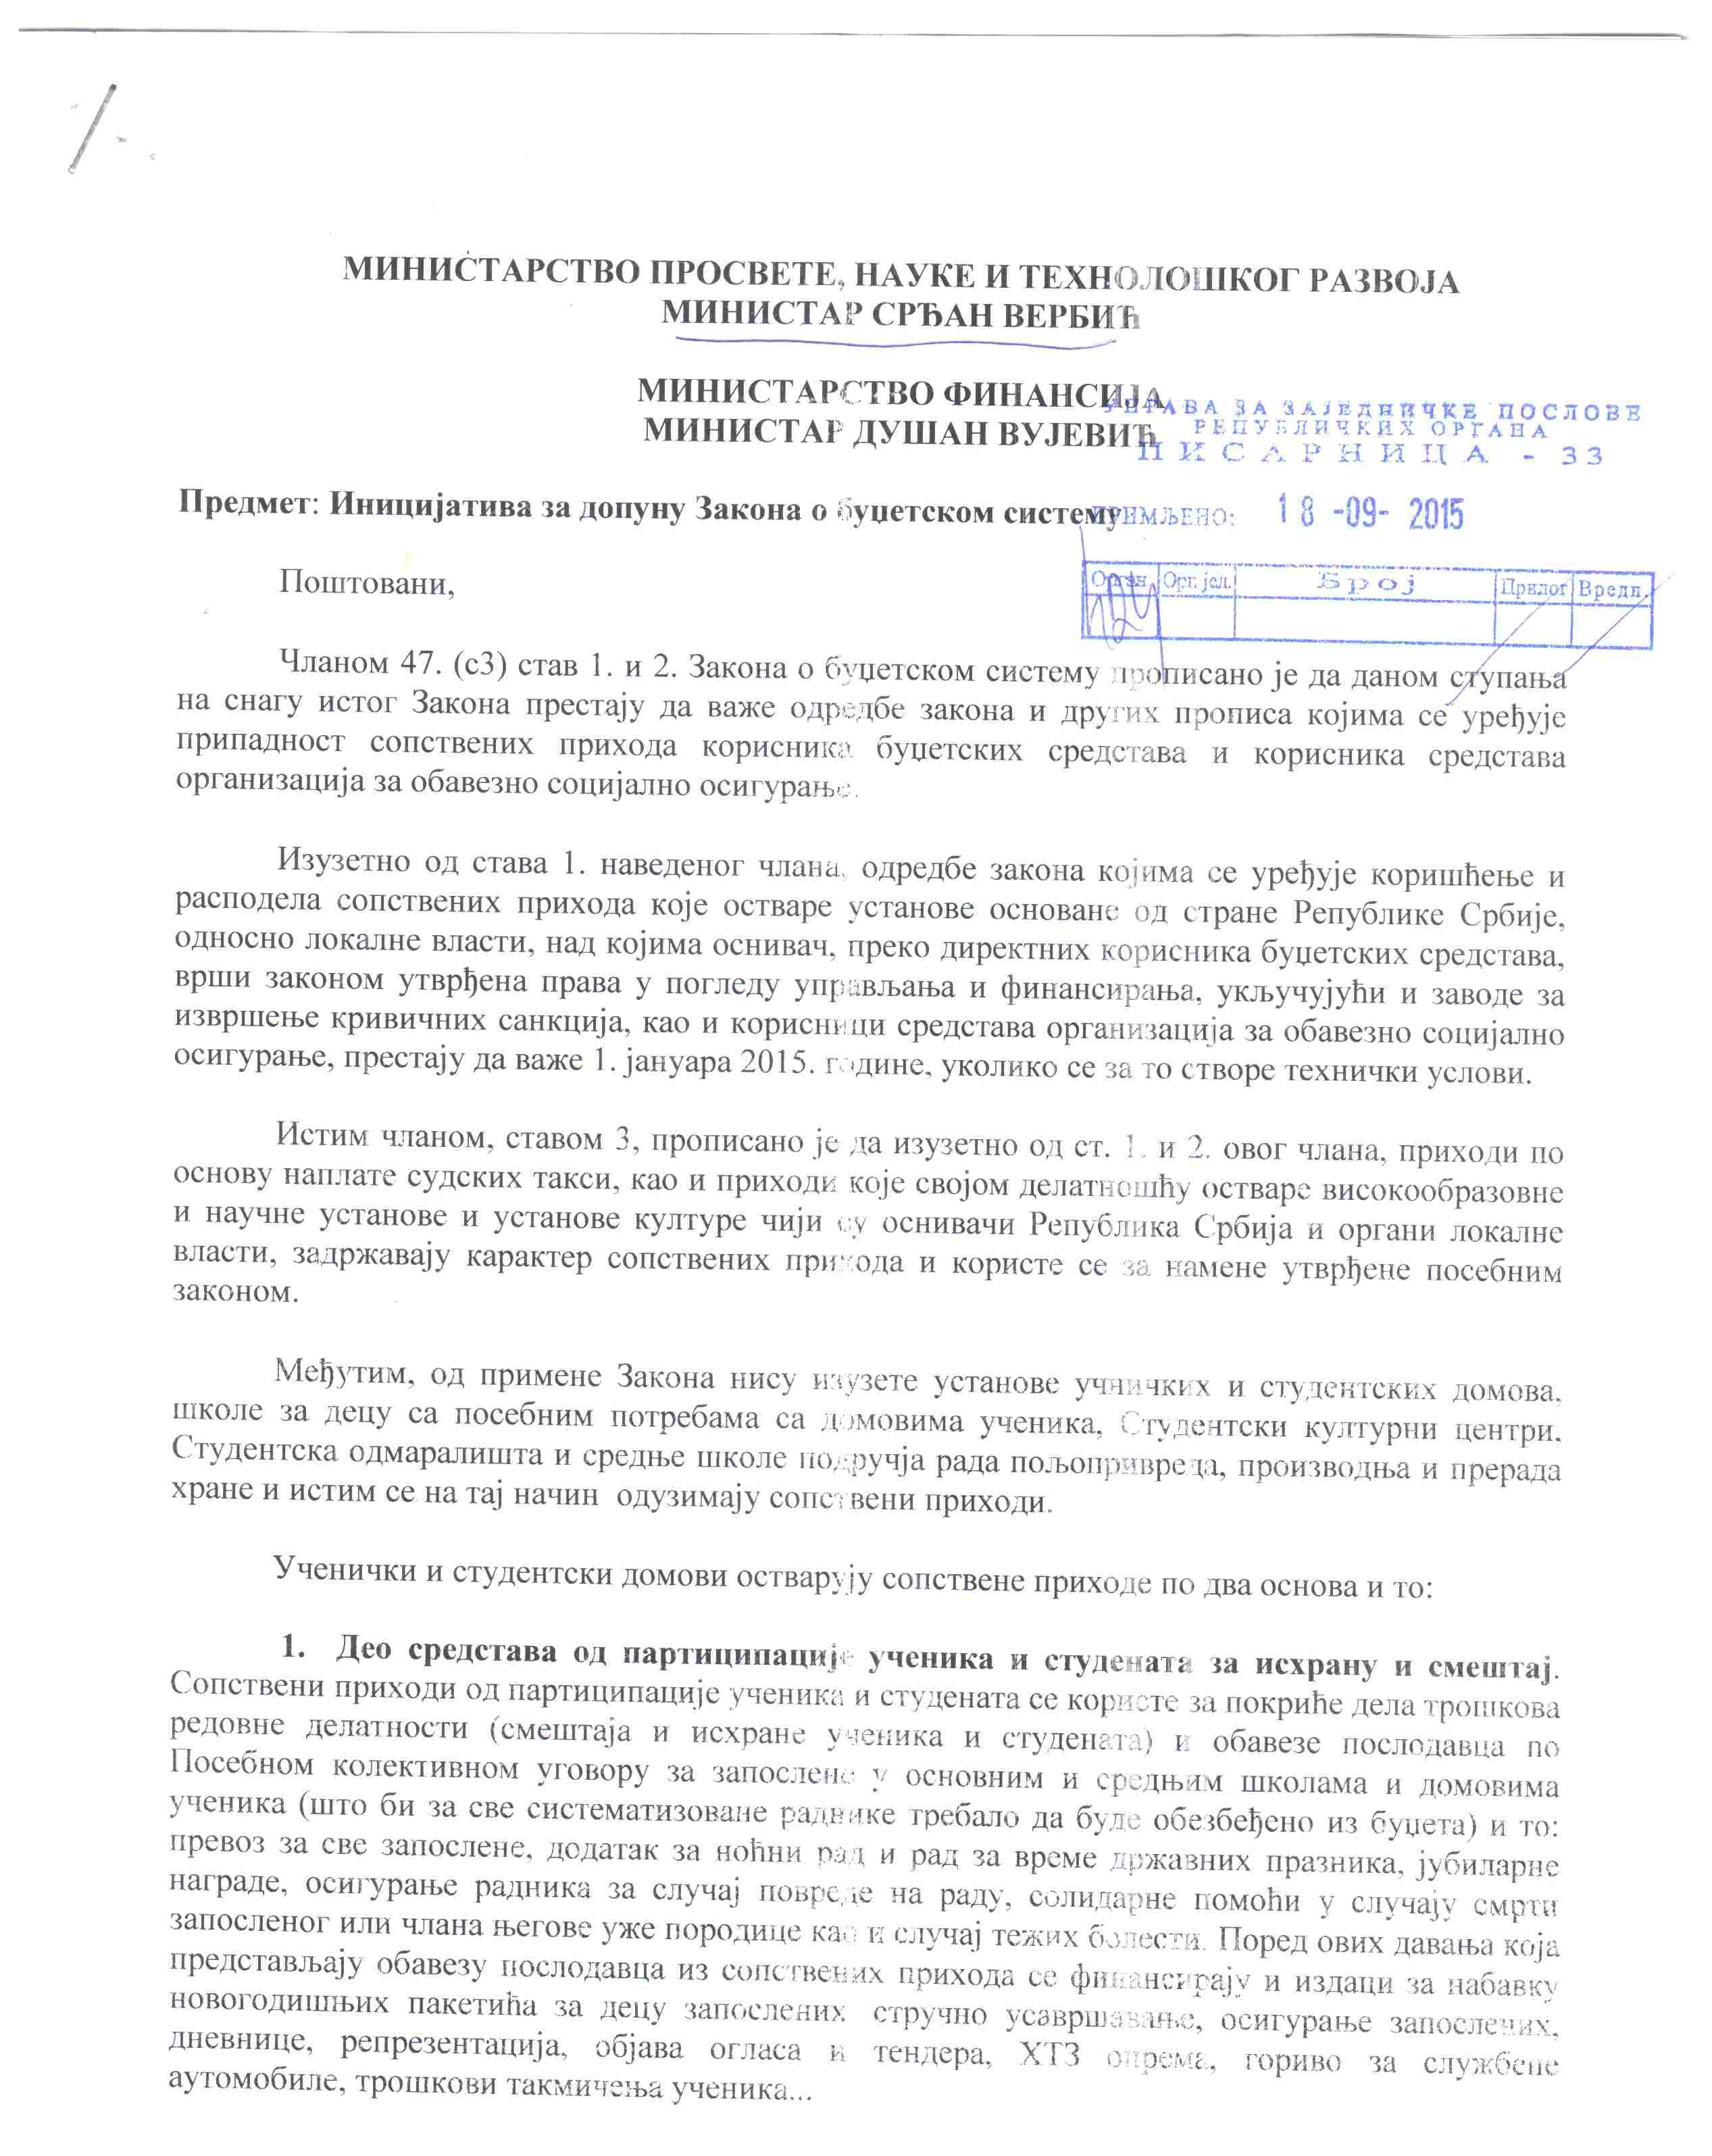 1 Dopis Verbicu i Vujevicu 21.9.2015 13-12